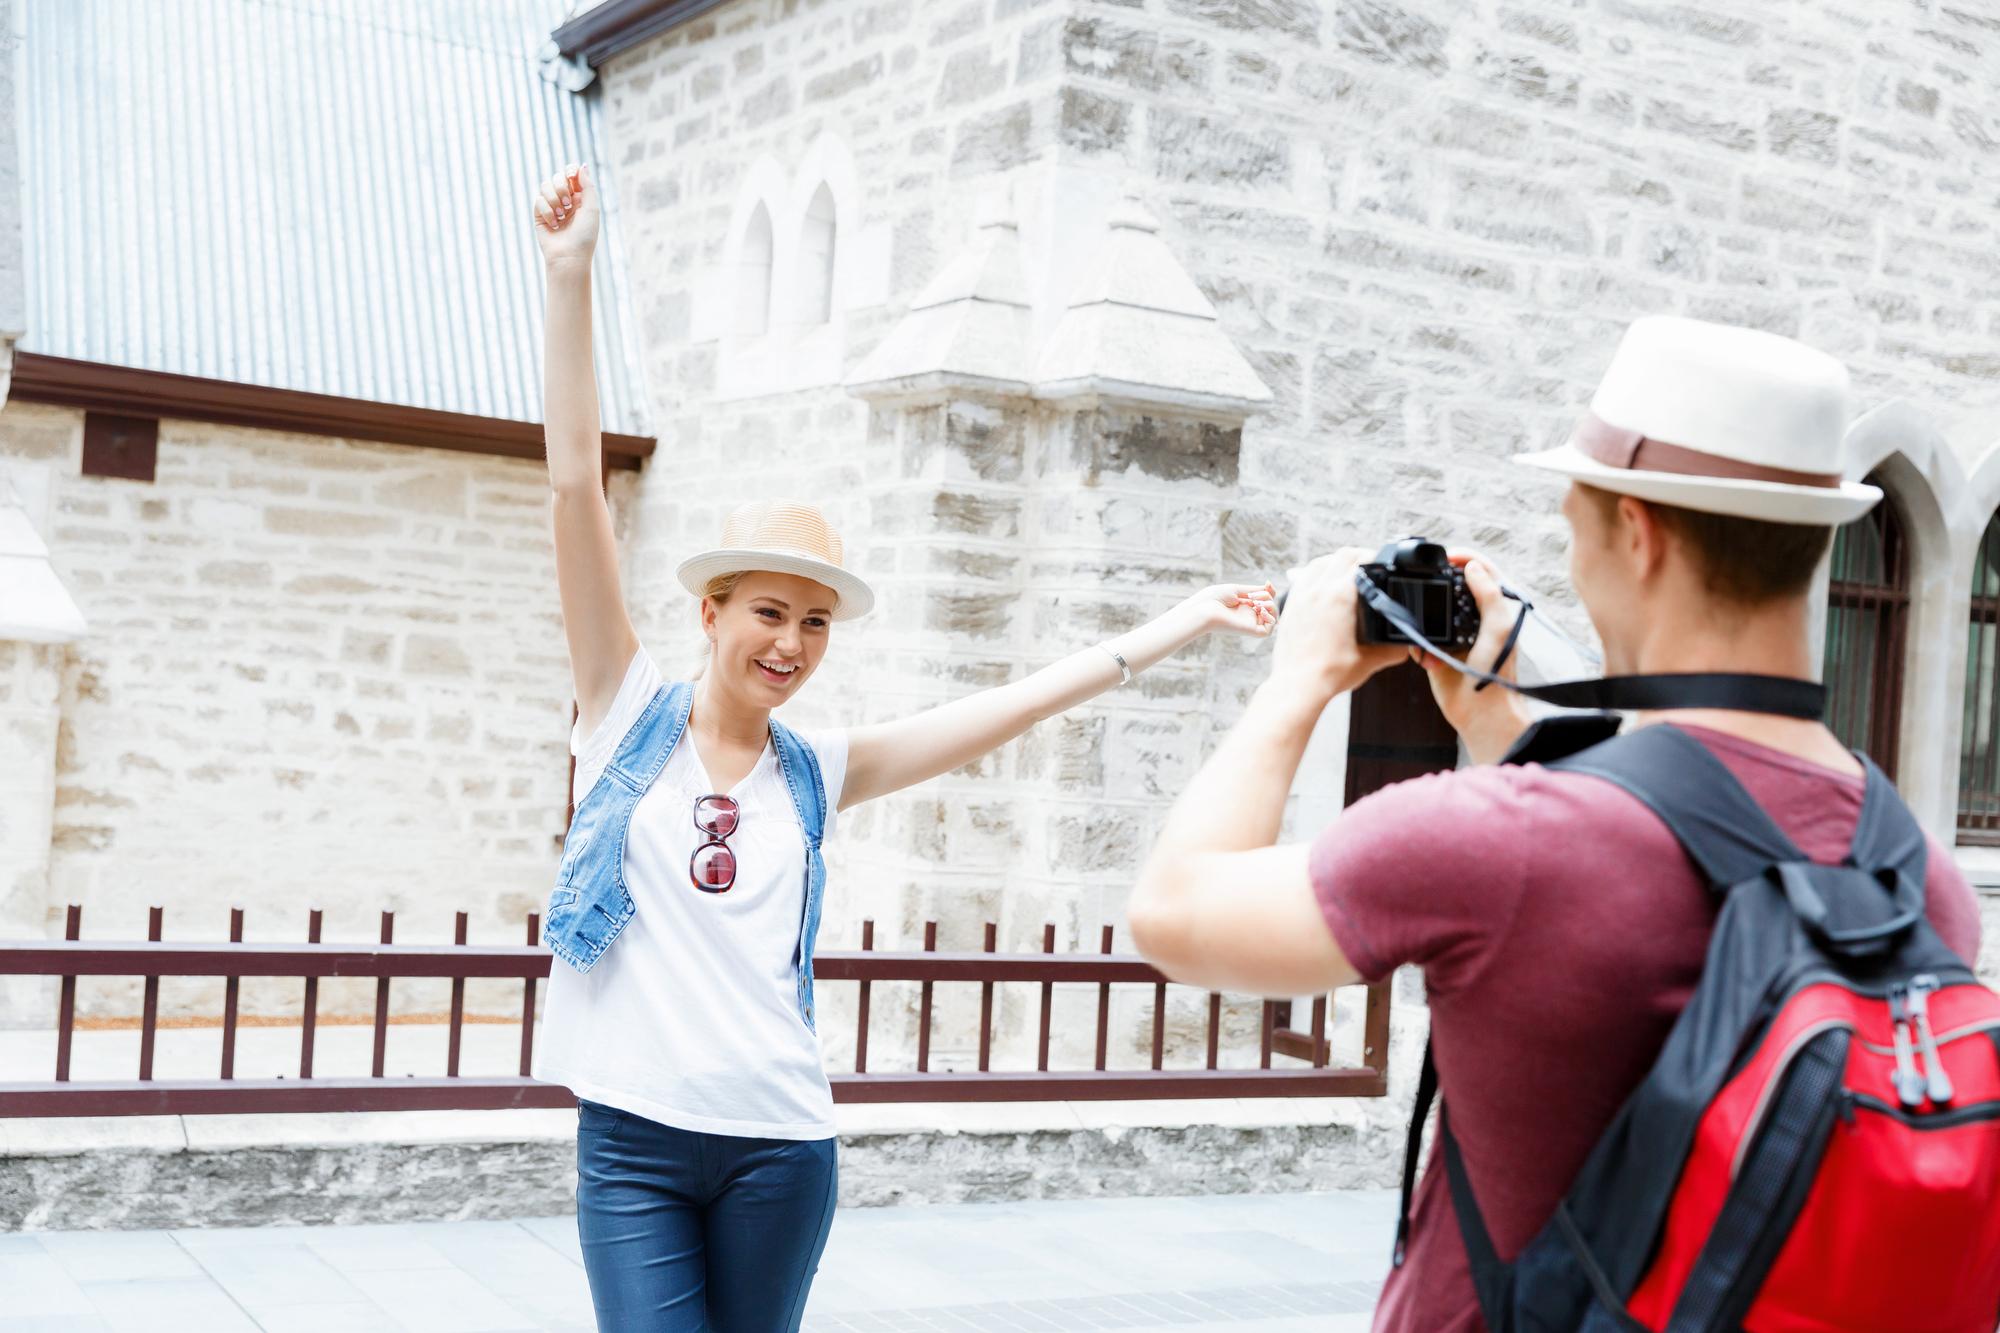 「ここで写真を撮ってもいいですか?」中学3年間の英語でデキル!日常会話(32)